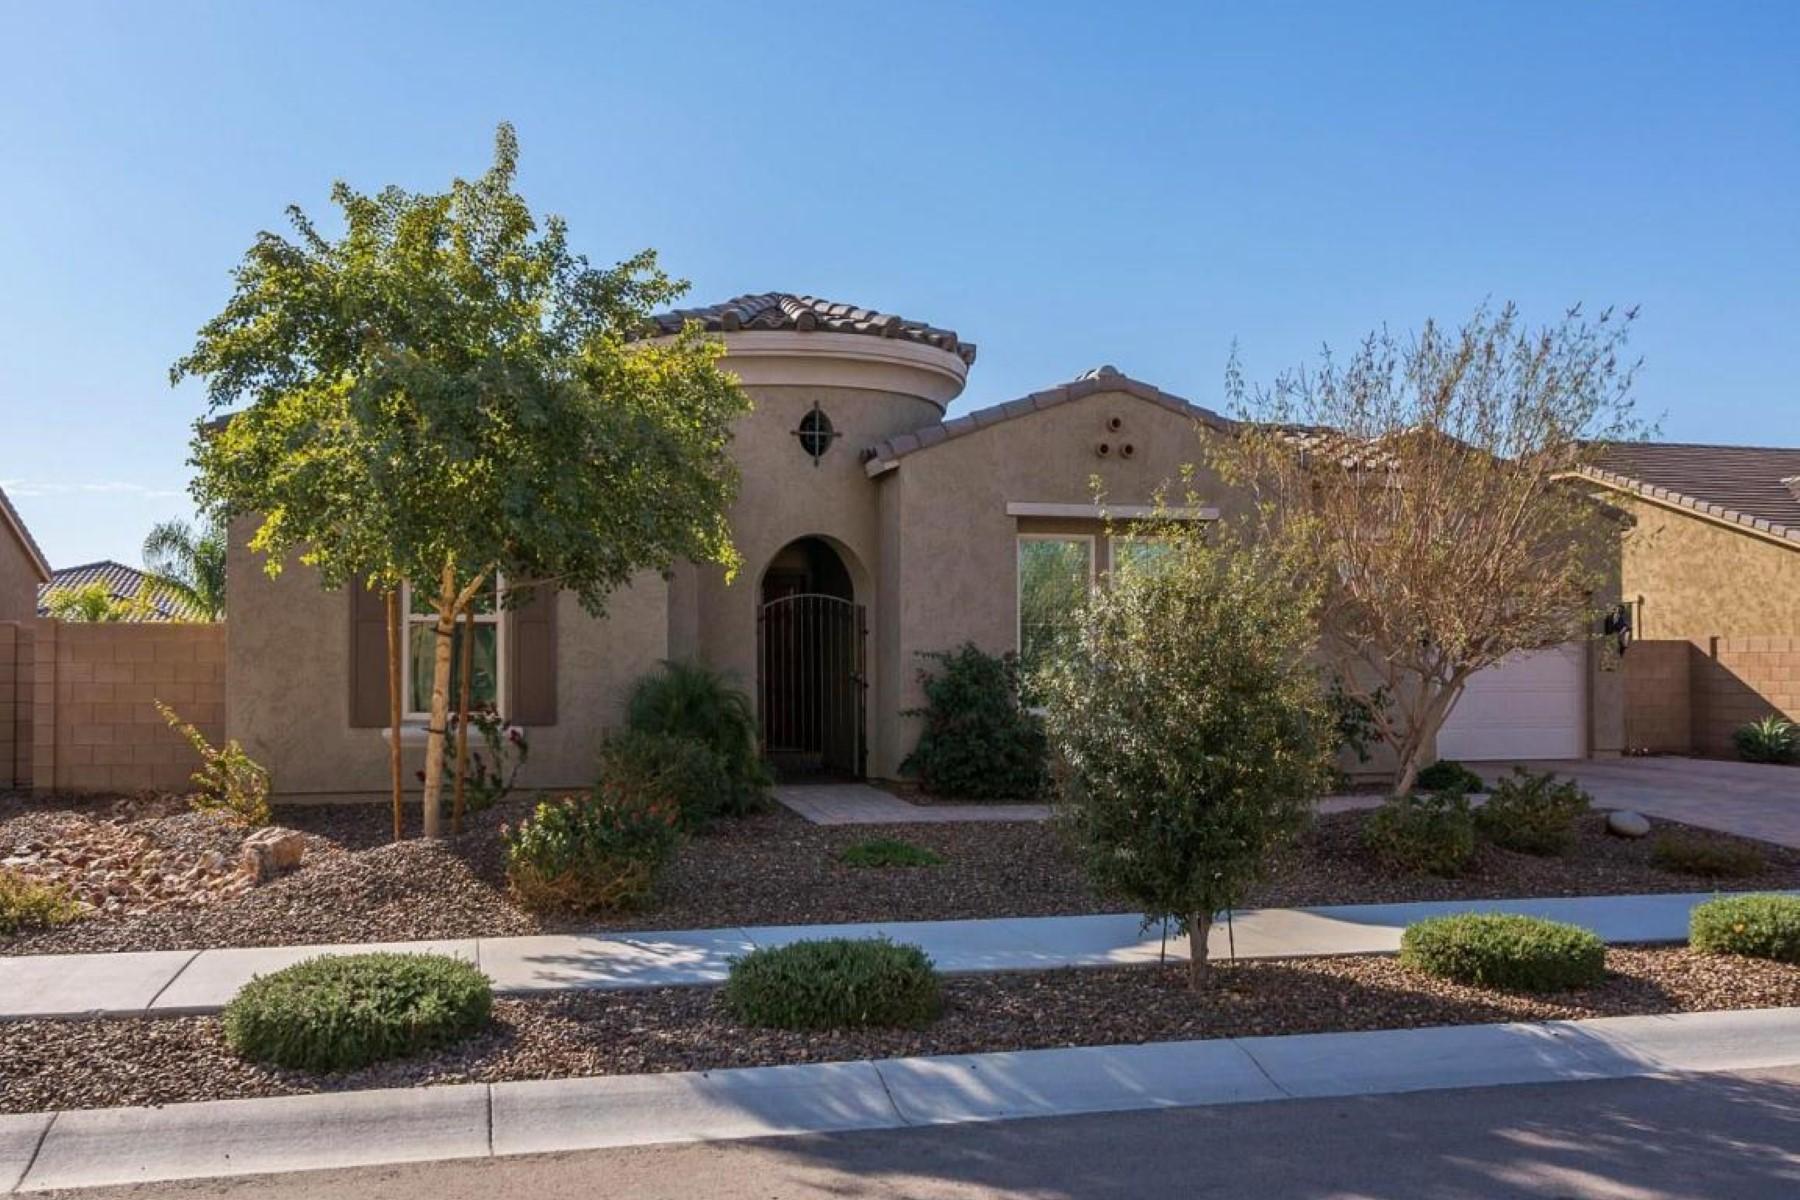 Tek Ailelik Ev için Satış at Beautiful single level home 20117 E Quintero Rd Queen Creek, Arizona 85142 Amerika Birleşik Devletleri